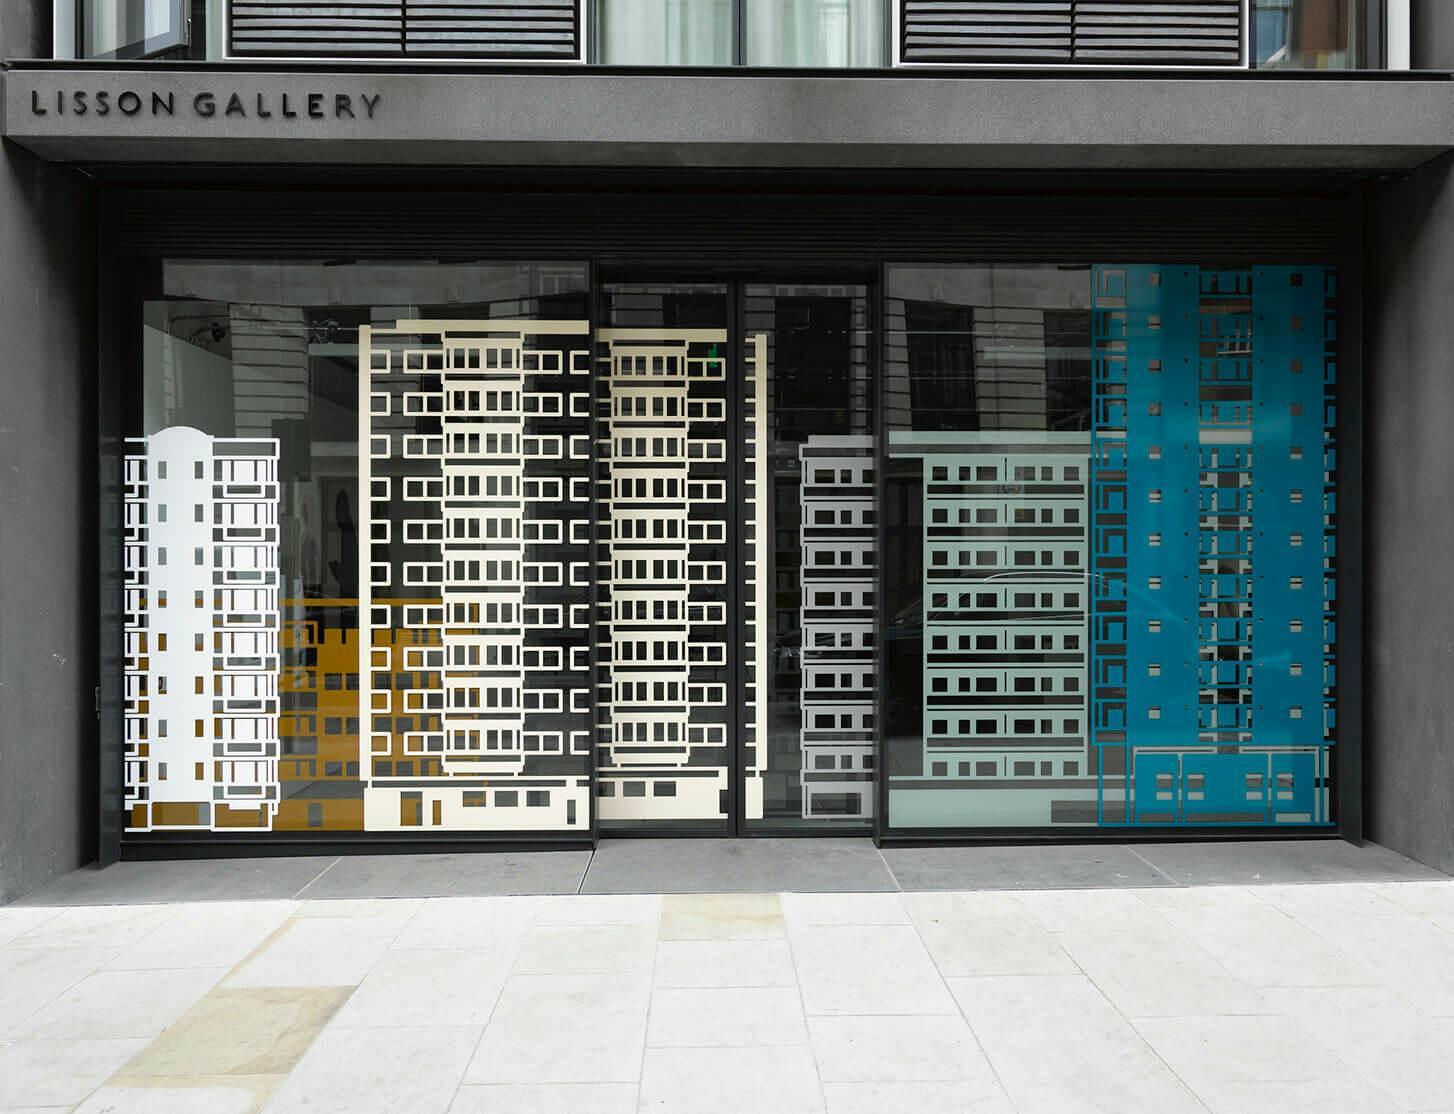 London Gallery weekend begins Friday 4 June